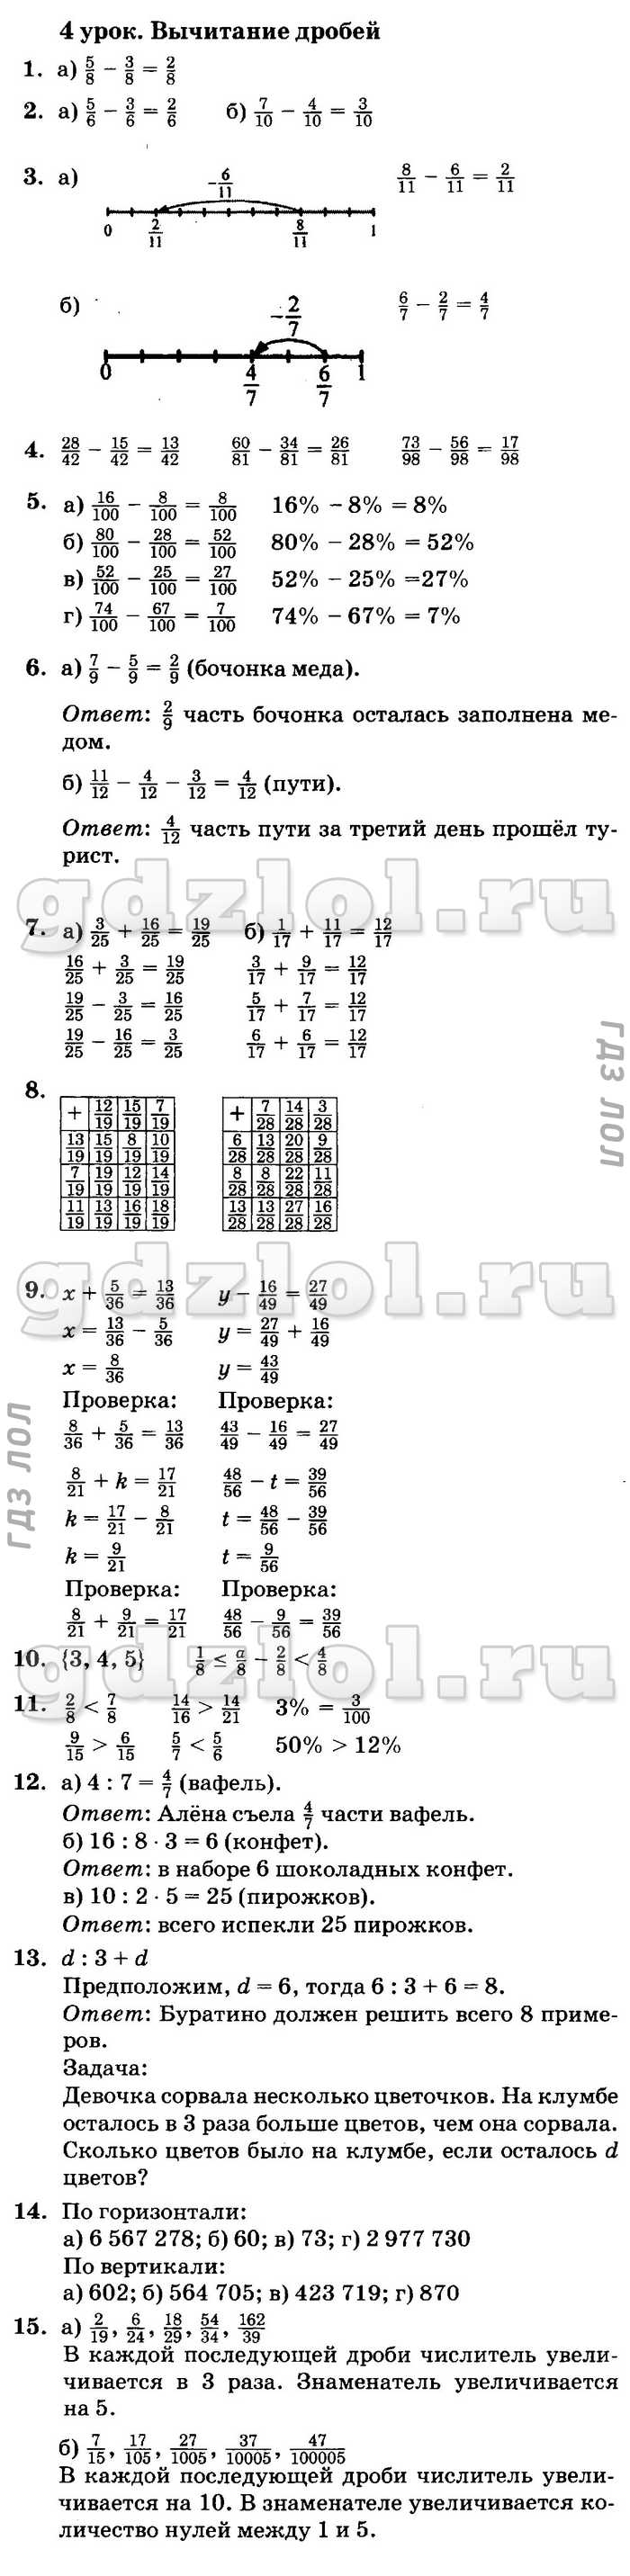 петерсон 4 класс 2 часть решебник по математике